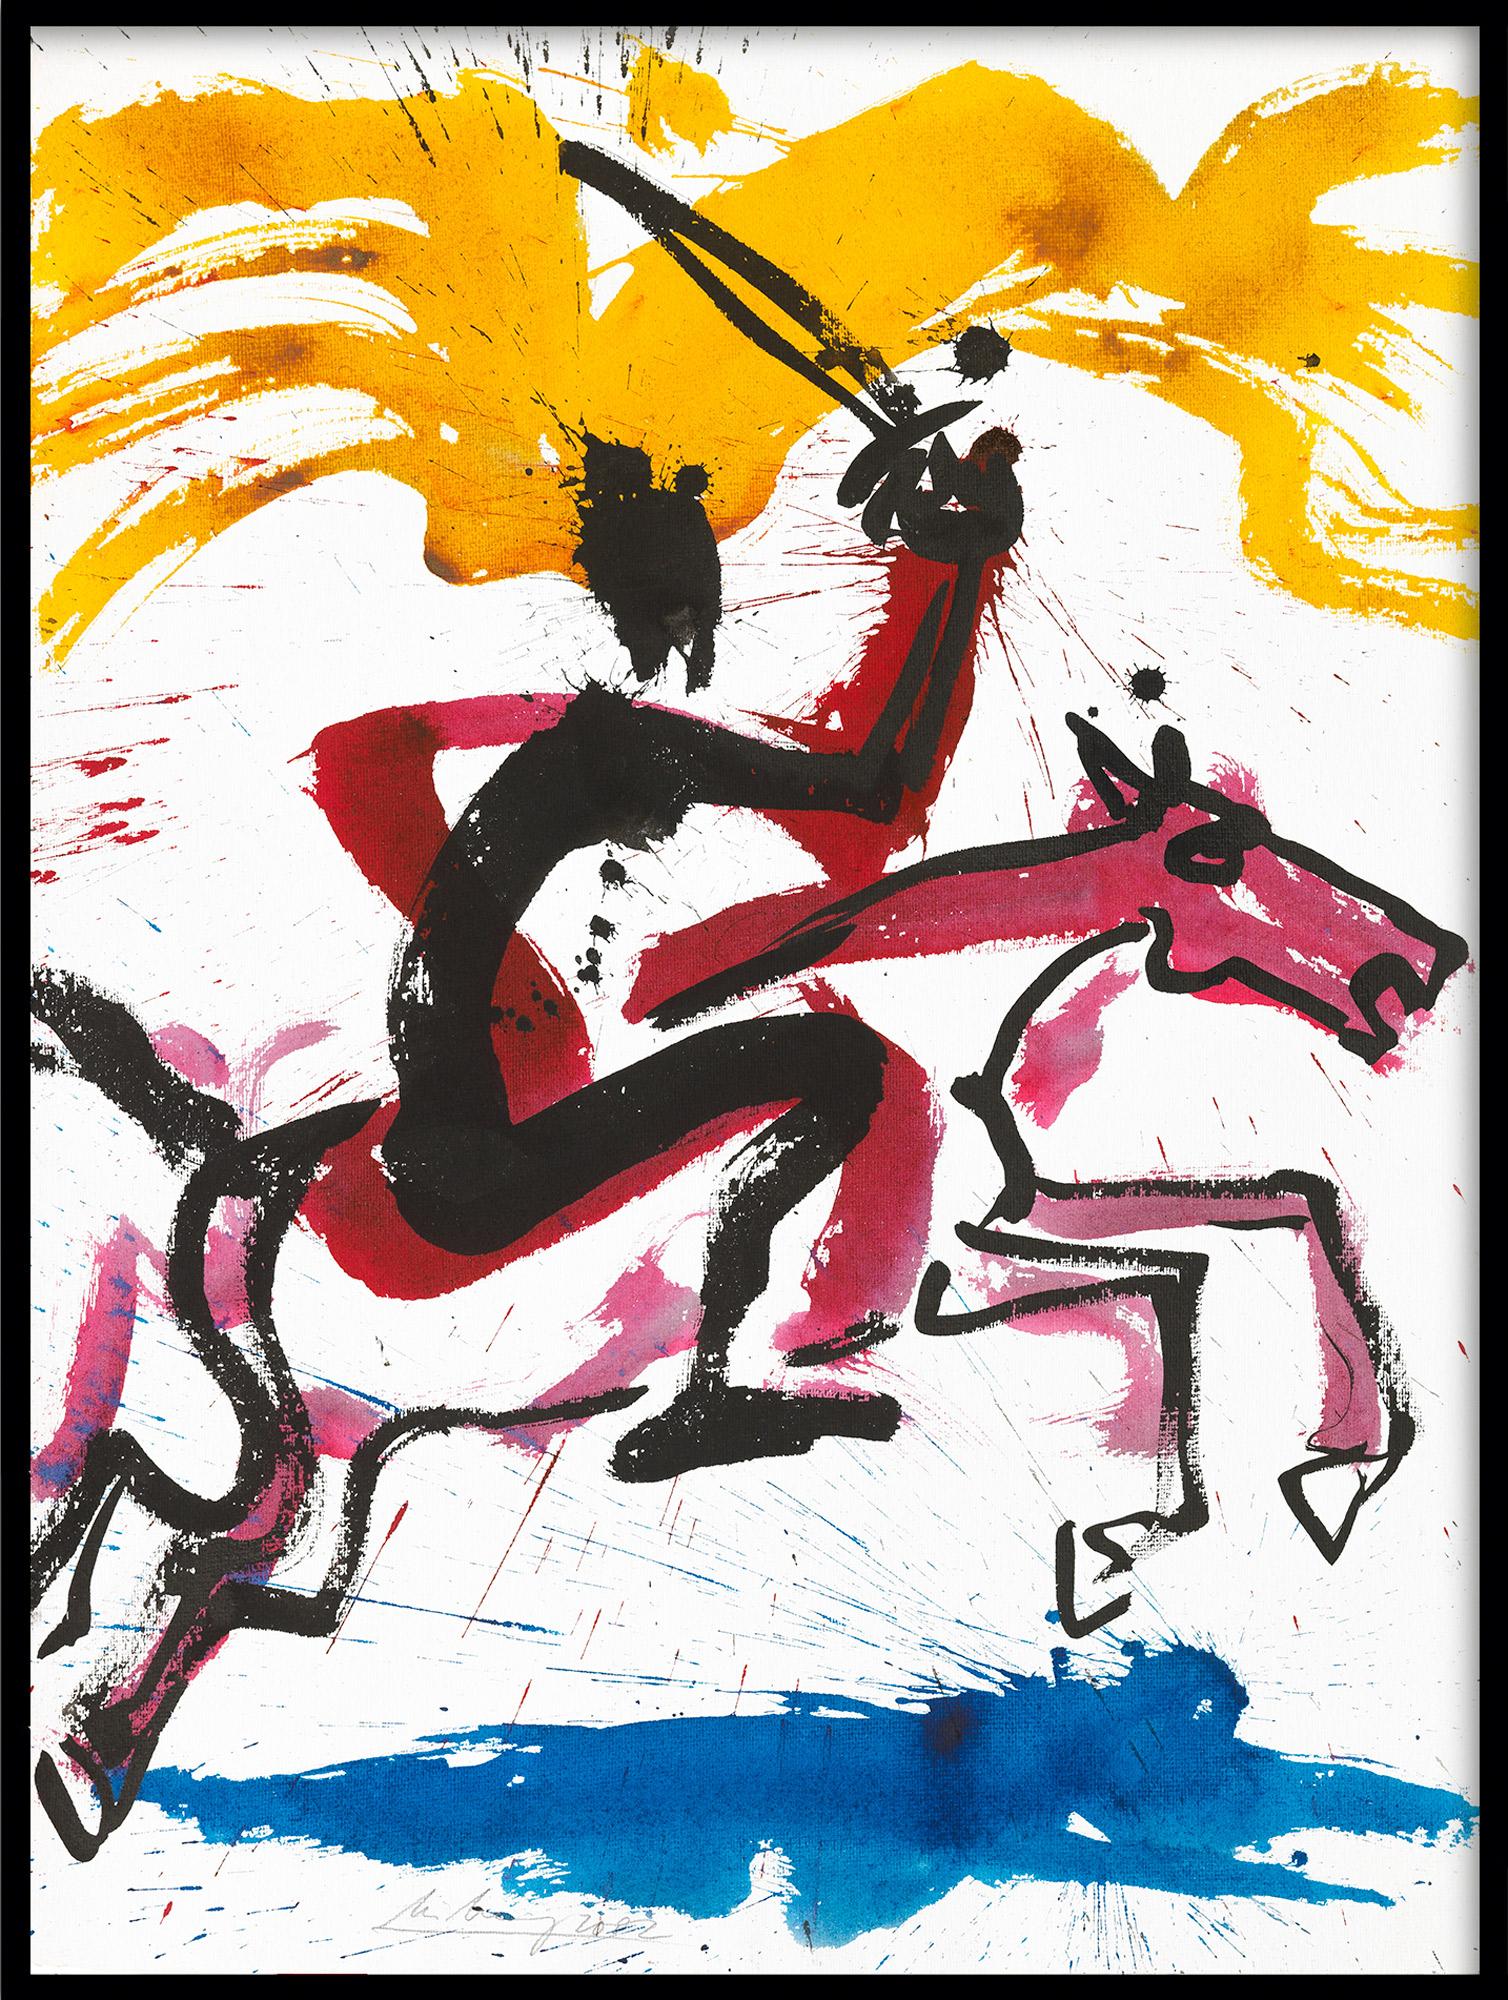 """Bild """"Apokalyptischer Reiter I (Z 02 001)"""" (2002) (Unikat)"""